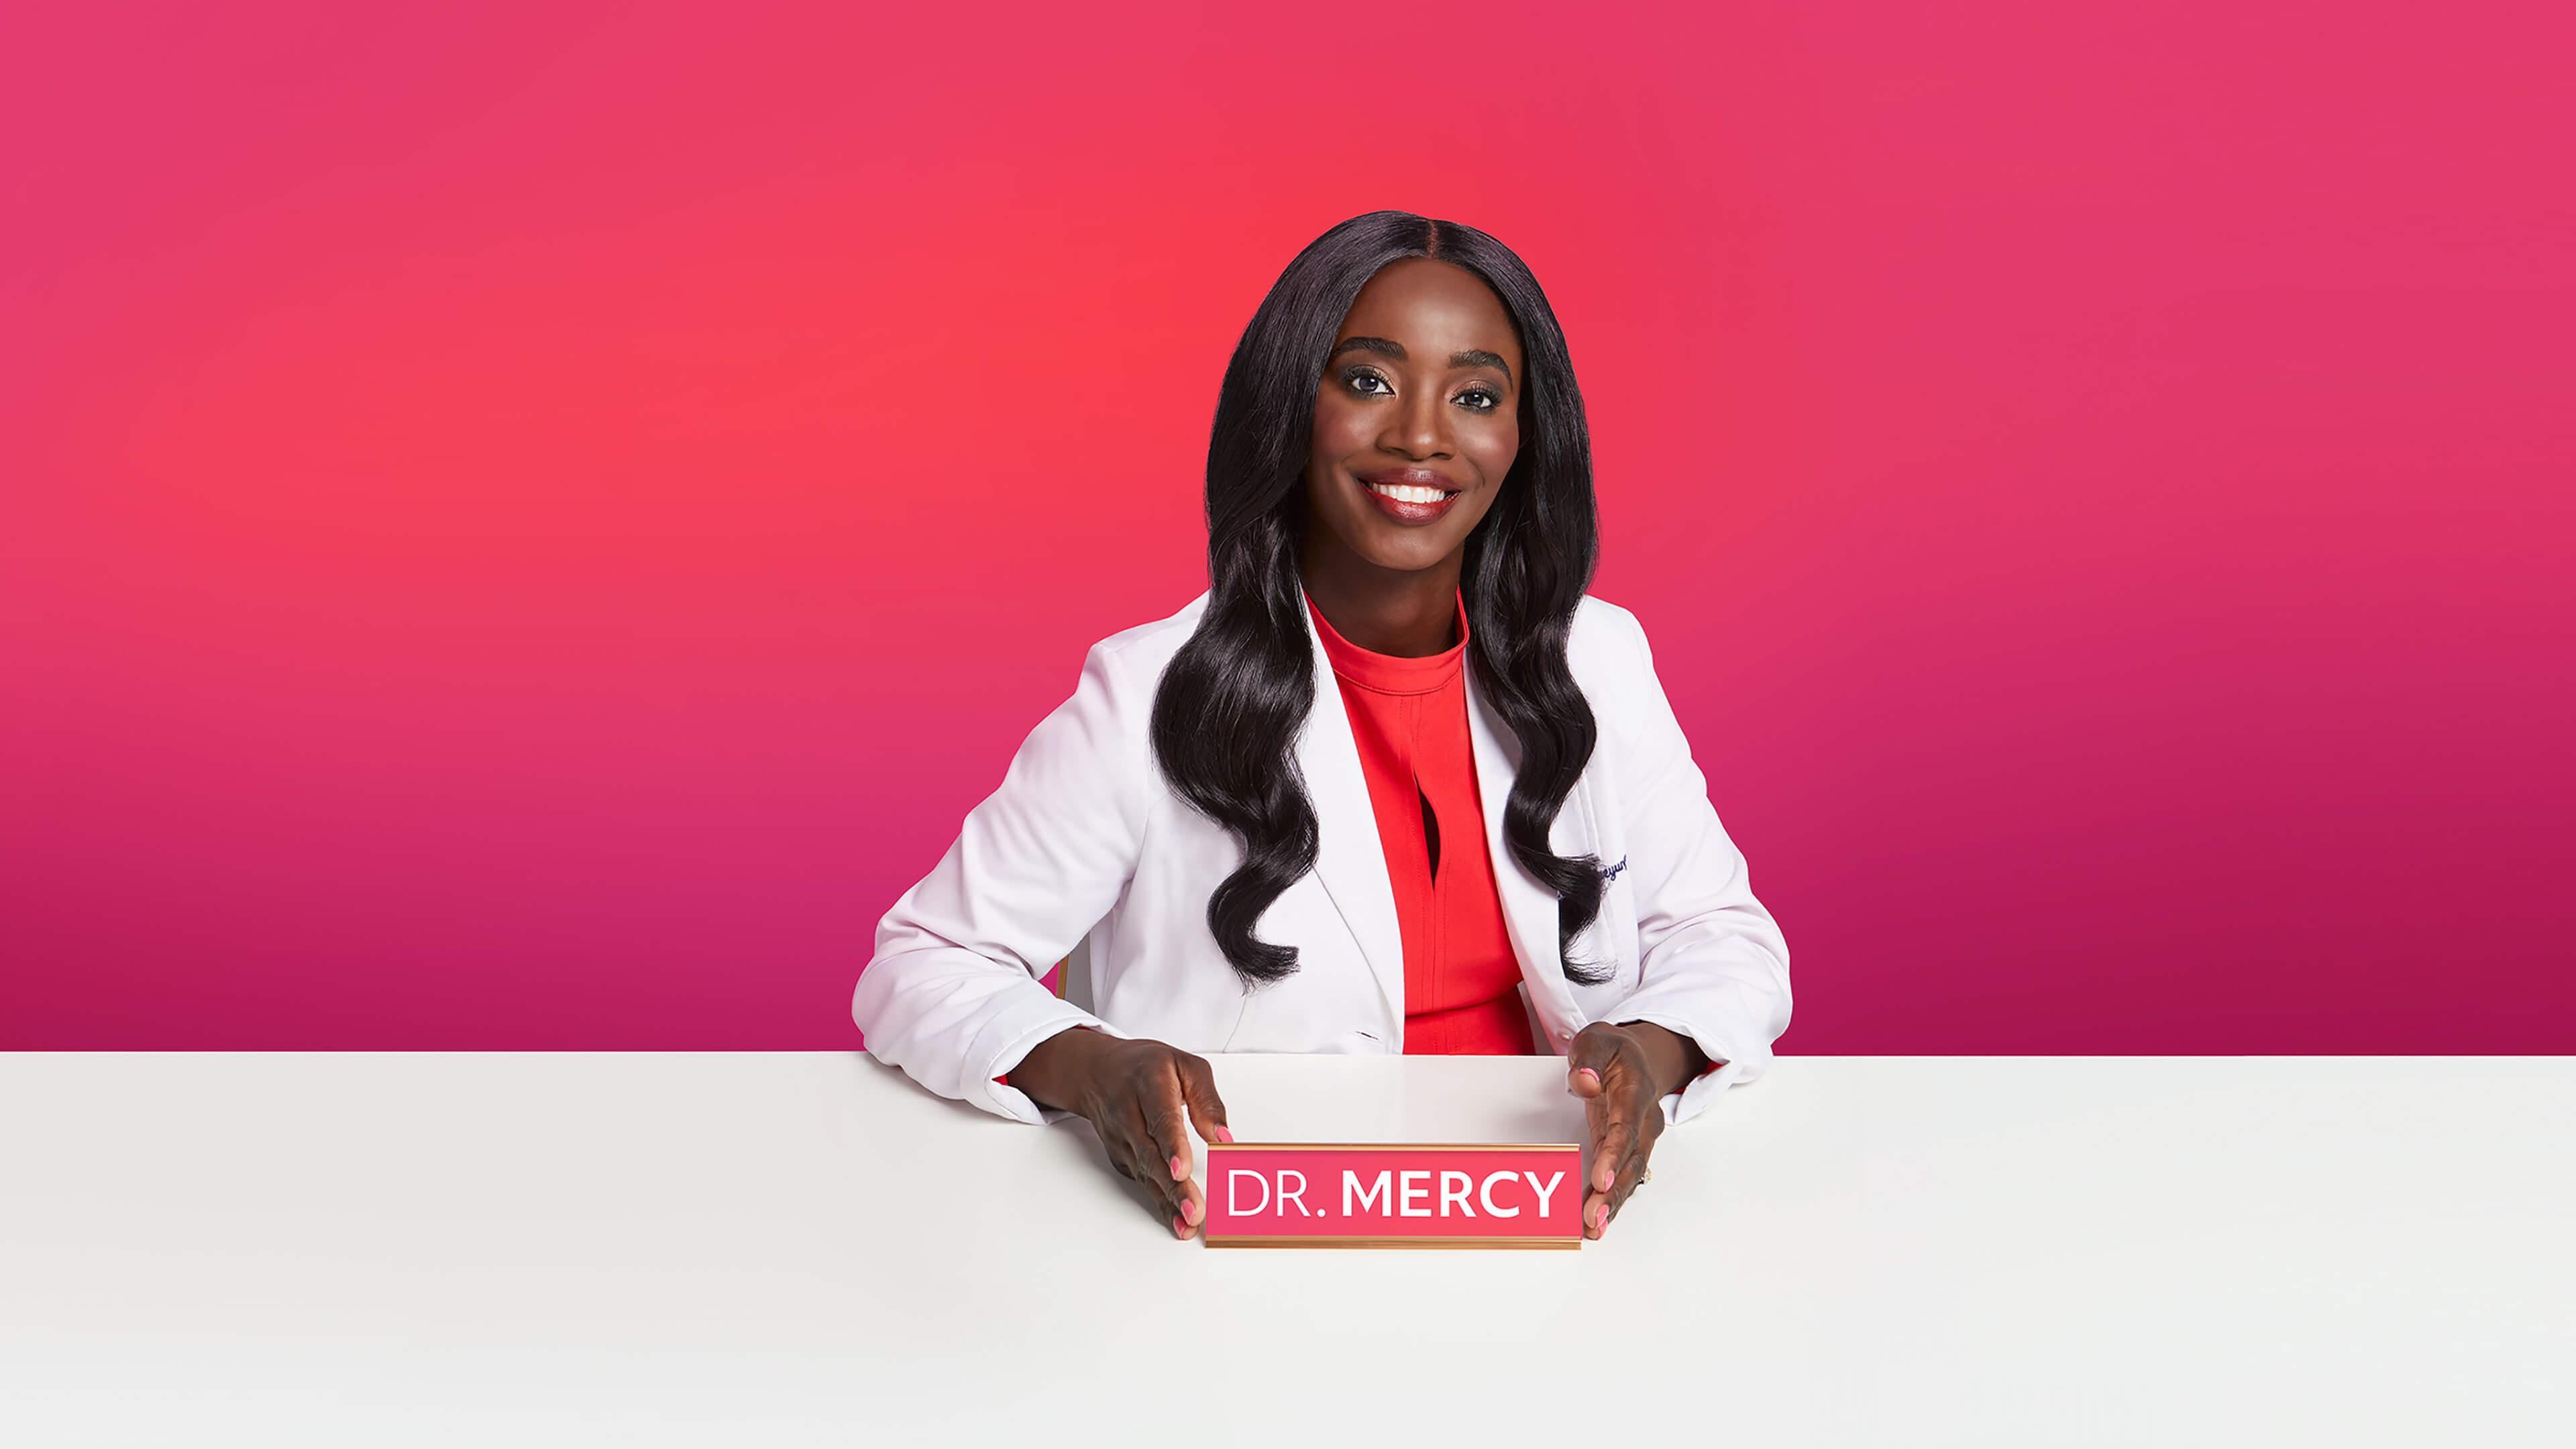 dr mercy